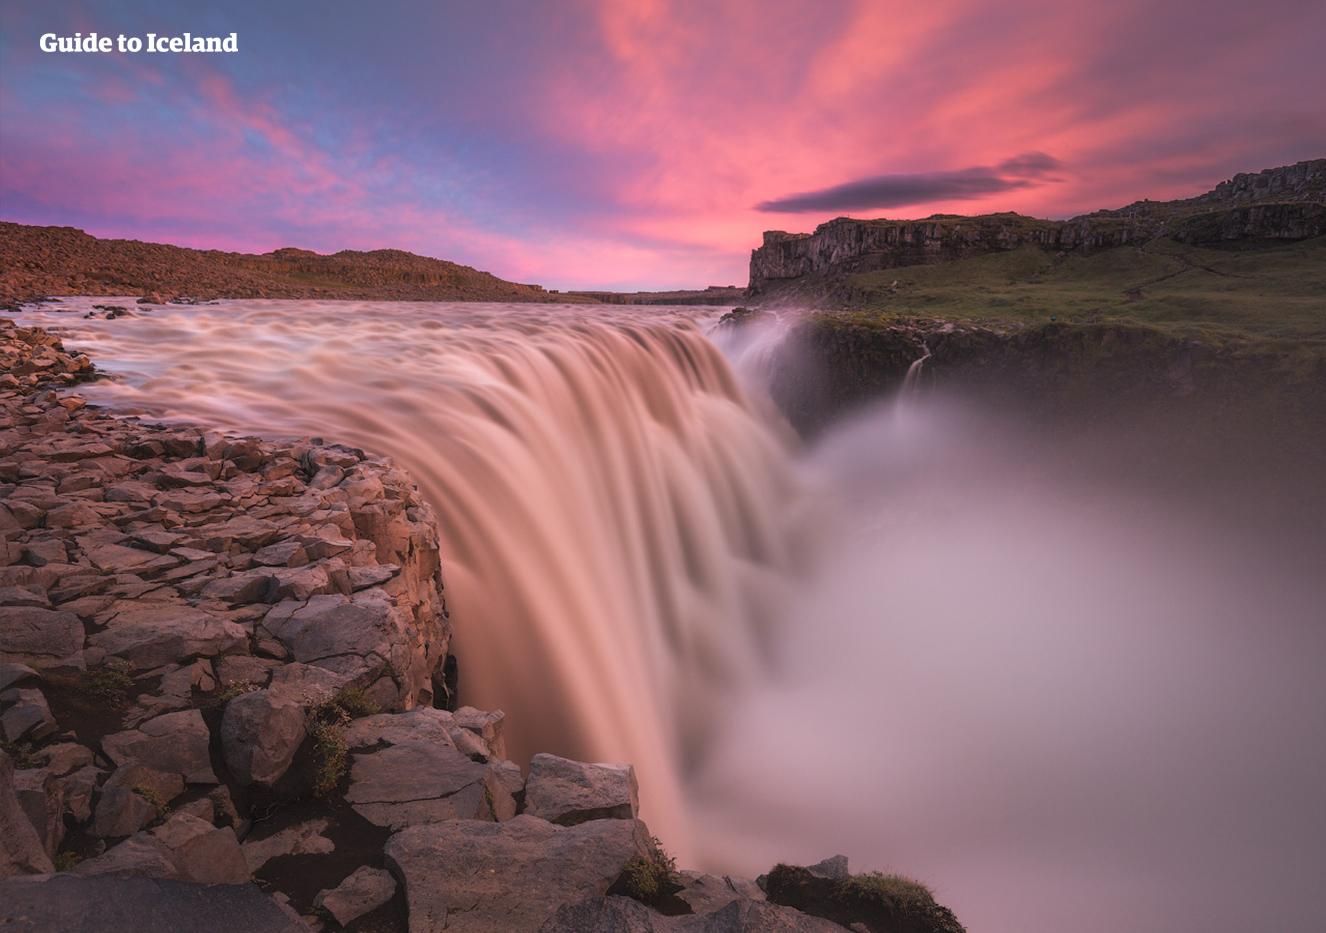 Der Dettifoss hat die größte Durchflussmenge aller Wasserfälle in Europa und eine Gesamthöhe von 44 Metern.